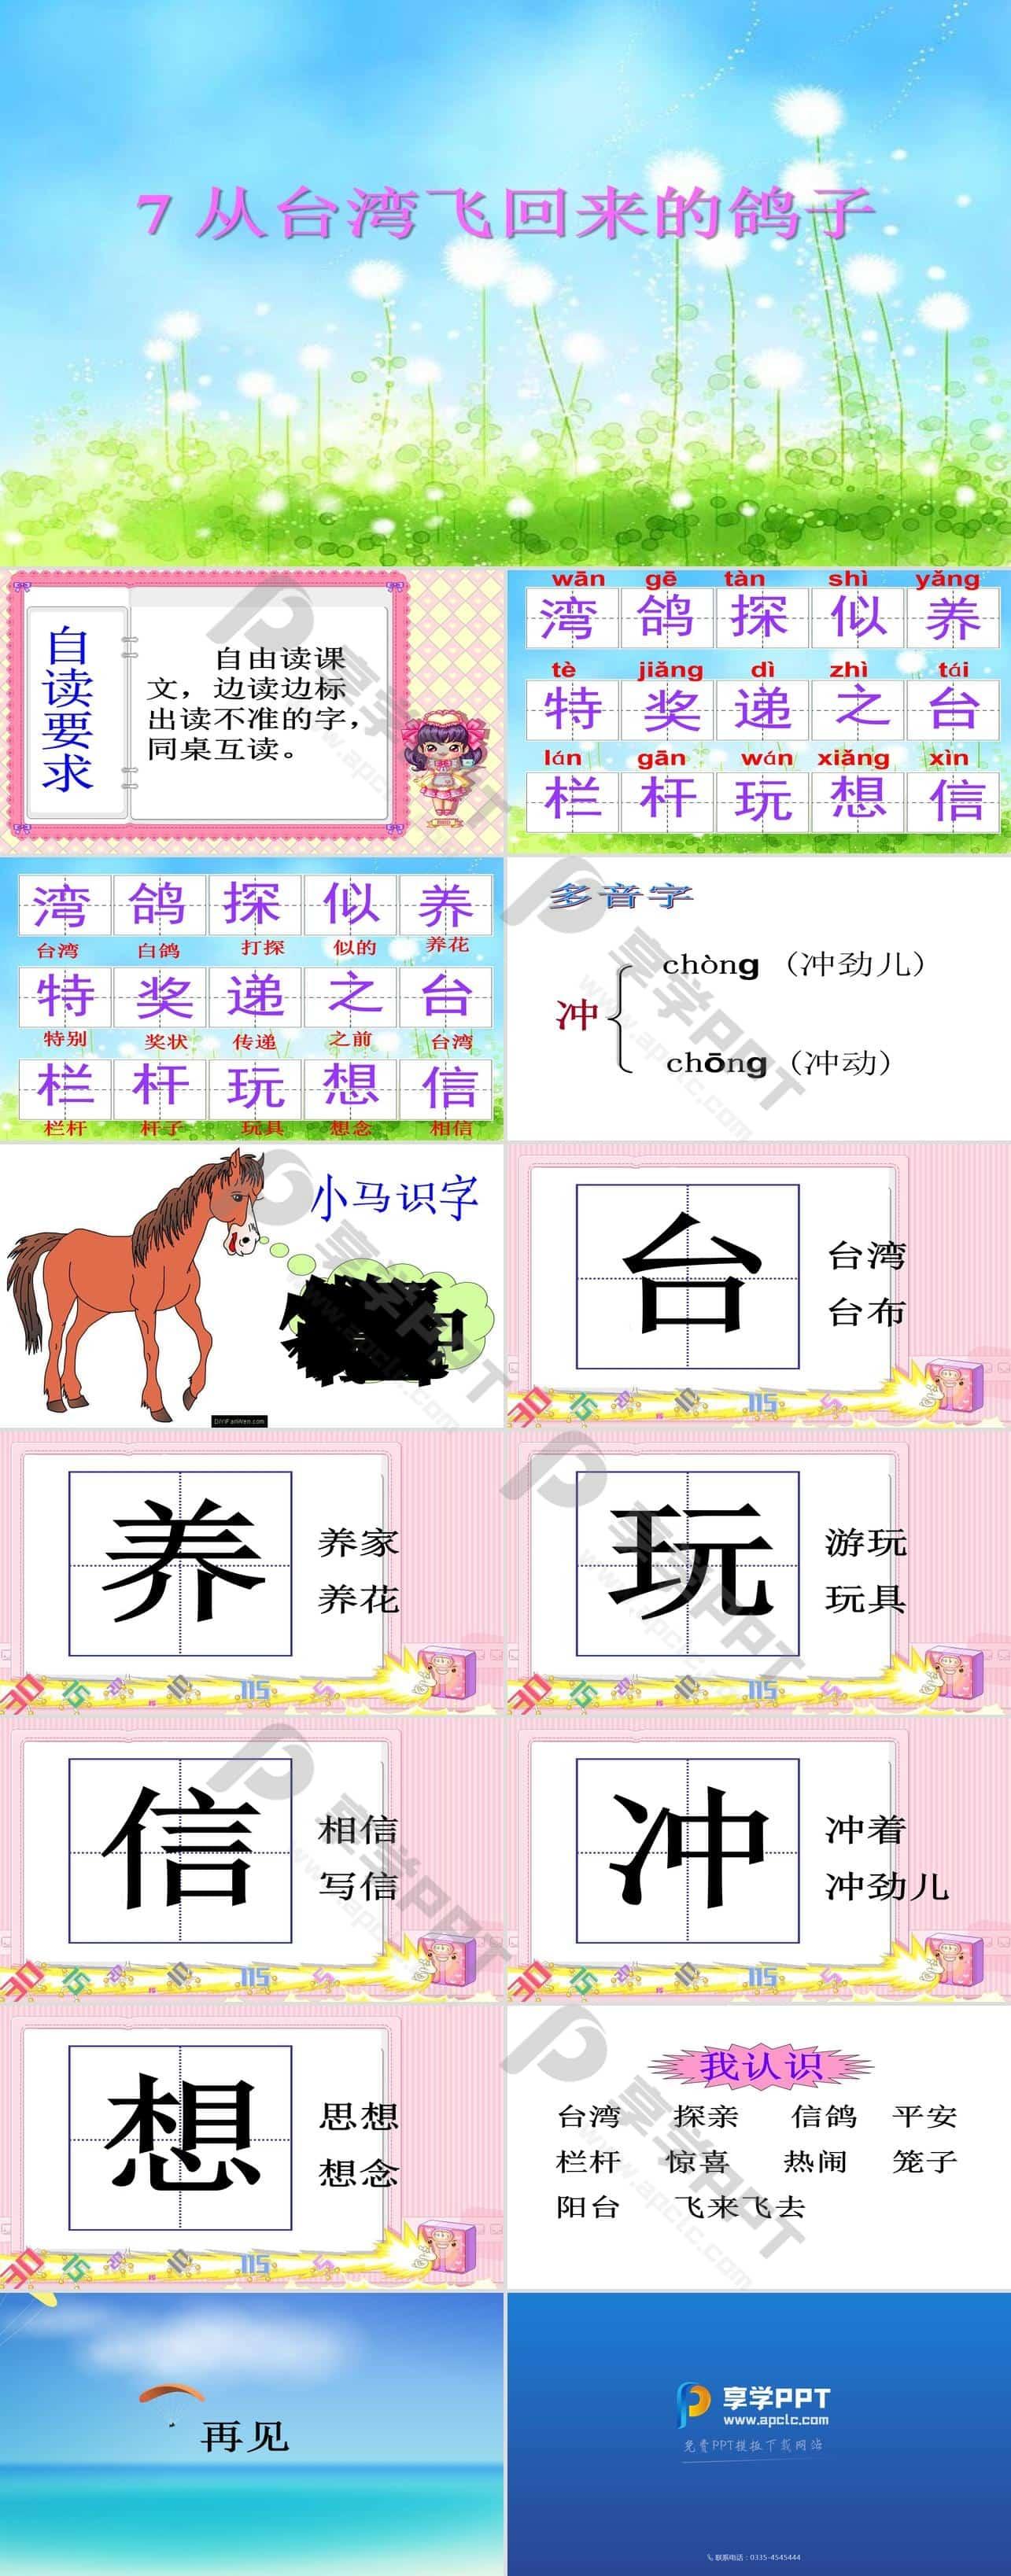 《从台湾飞回来的鸽子》PPT课件3长图